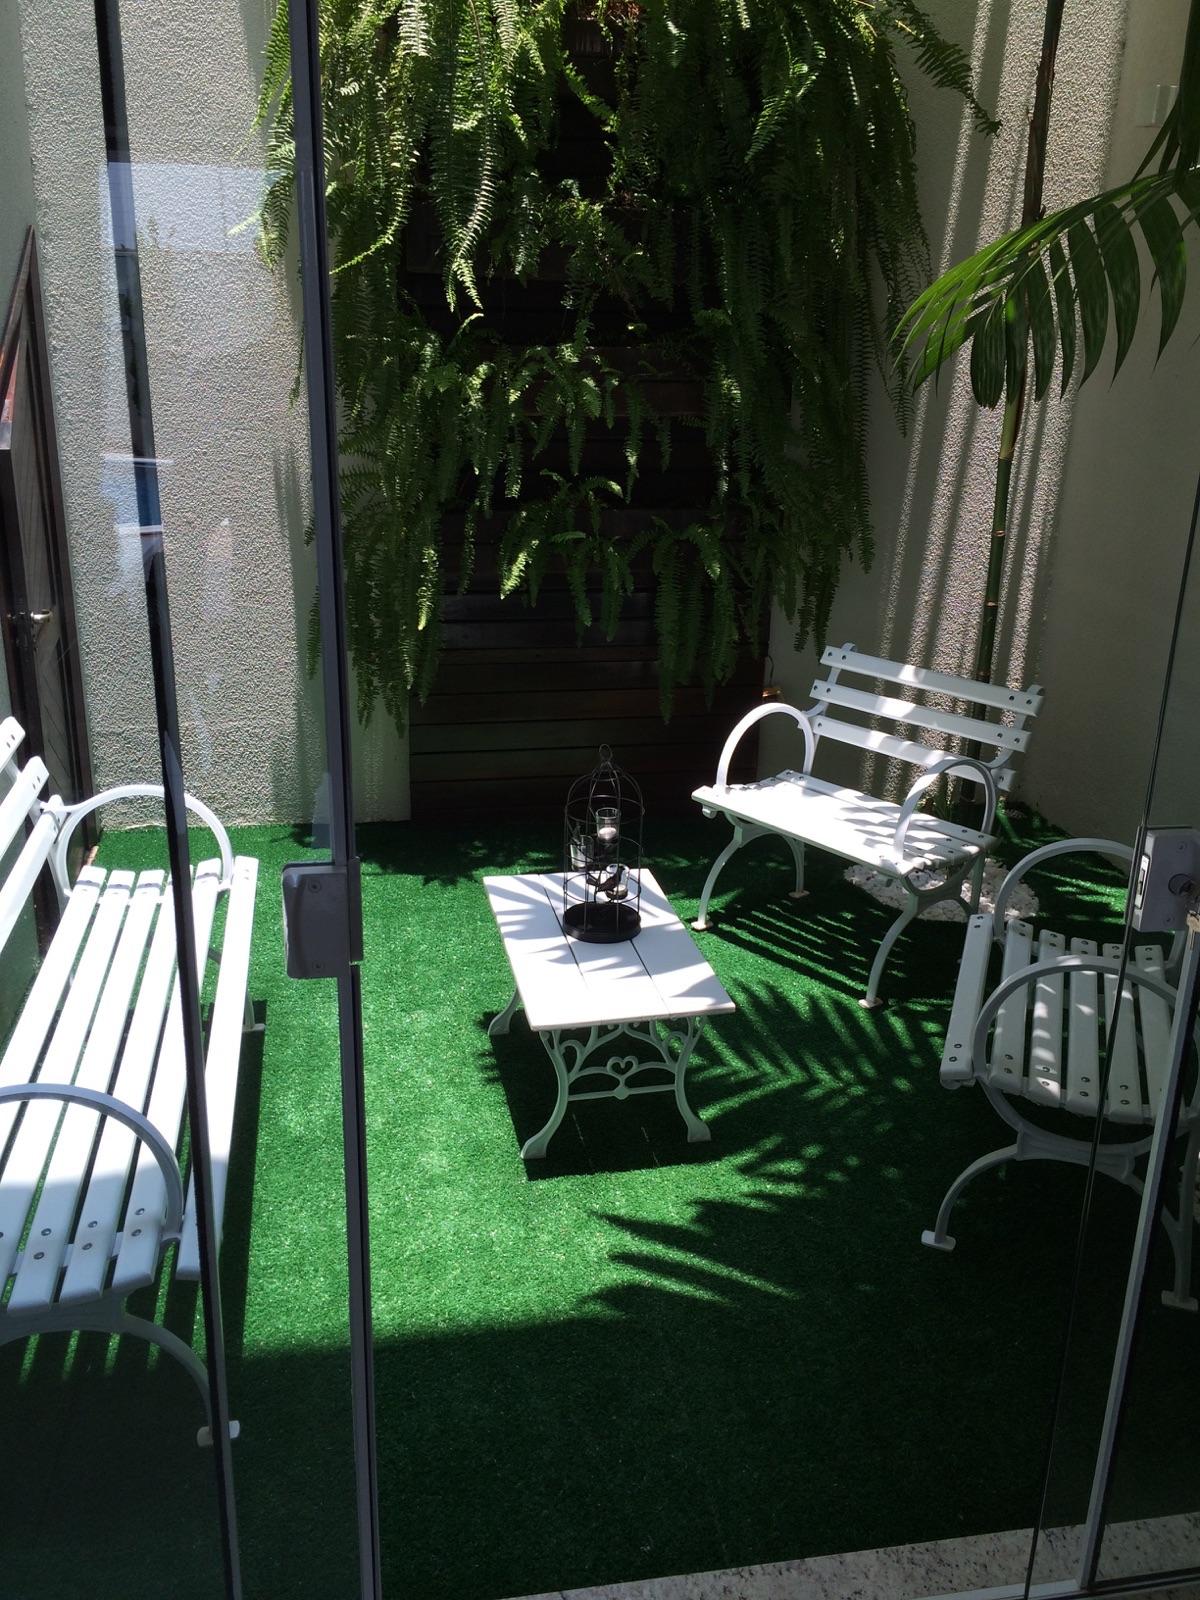 Grama decorativa para ambientes internos e externos - Sorriso / Mato Grosso